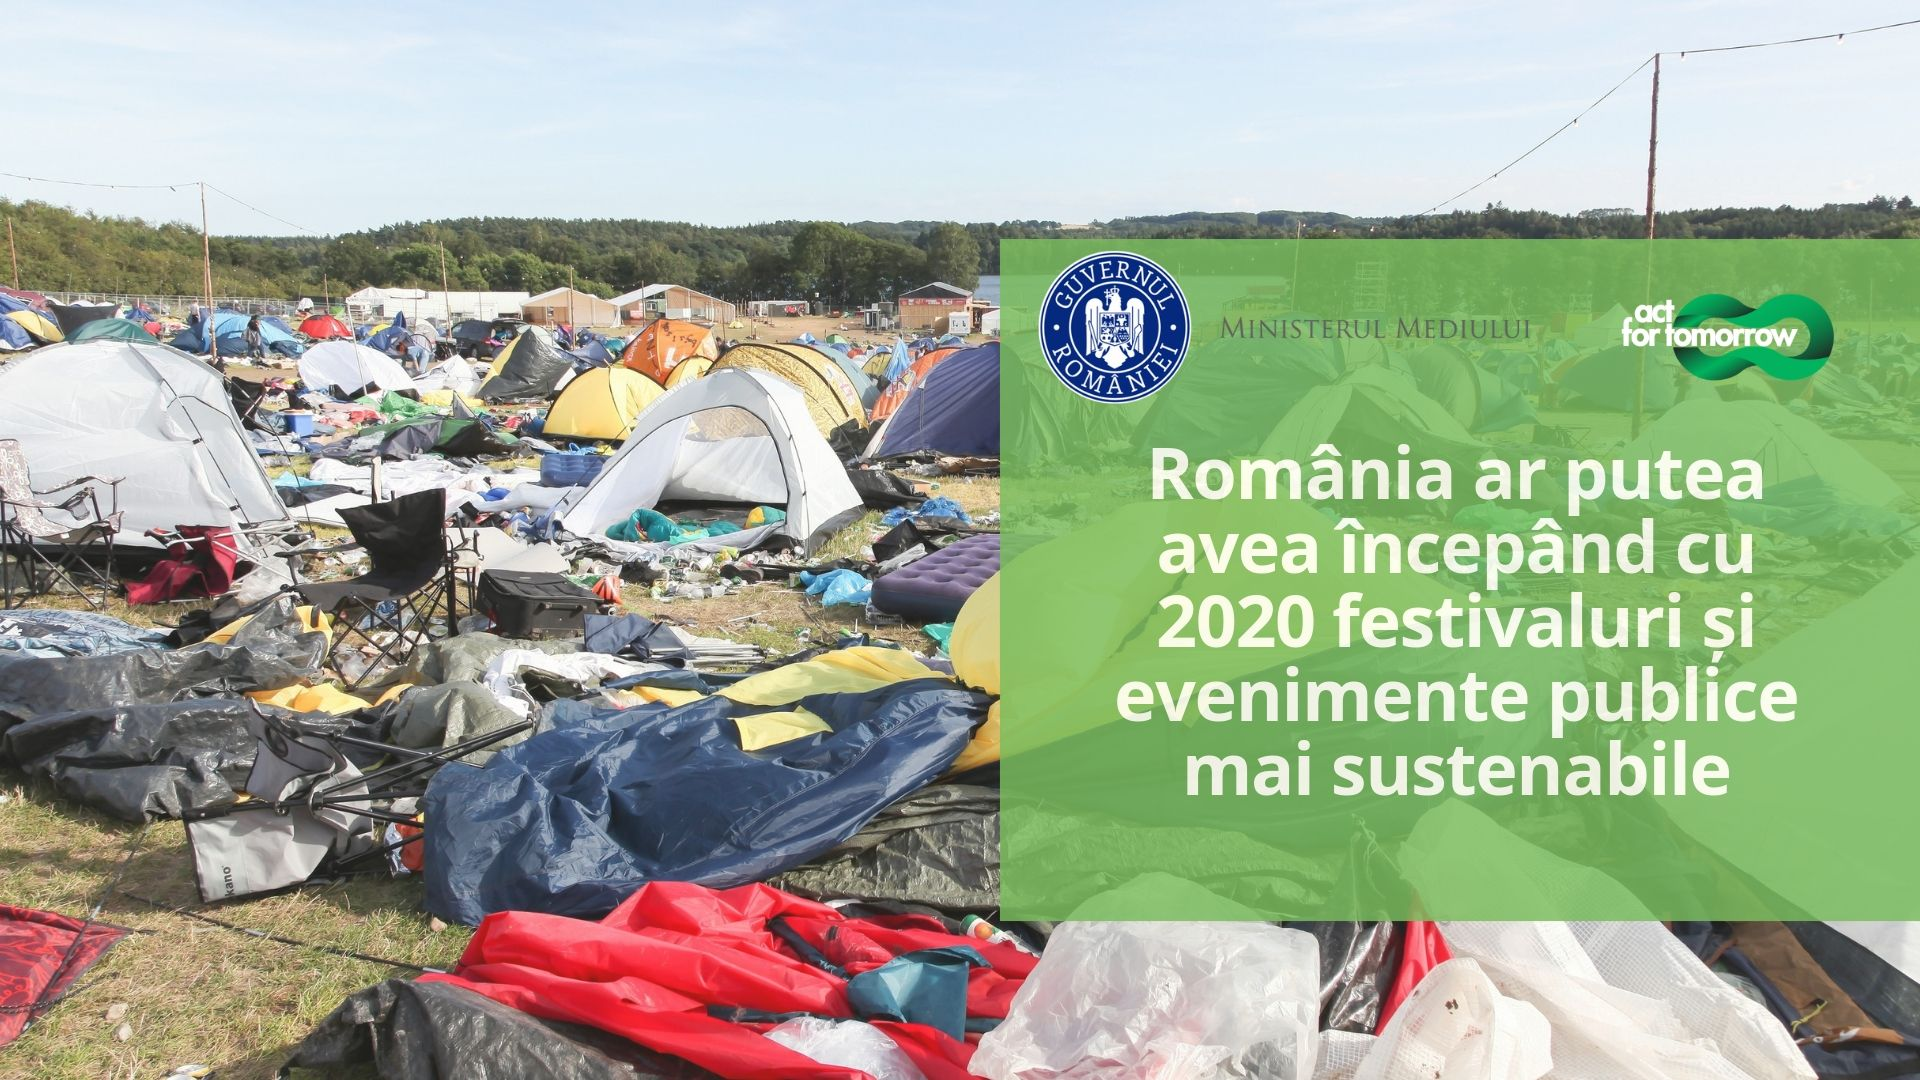 Nou proiect de lege pentru festivaluri È™i evenimente publice sustenabile pentru mediu